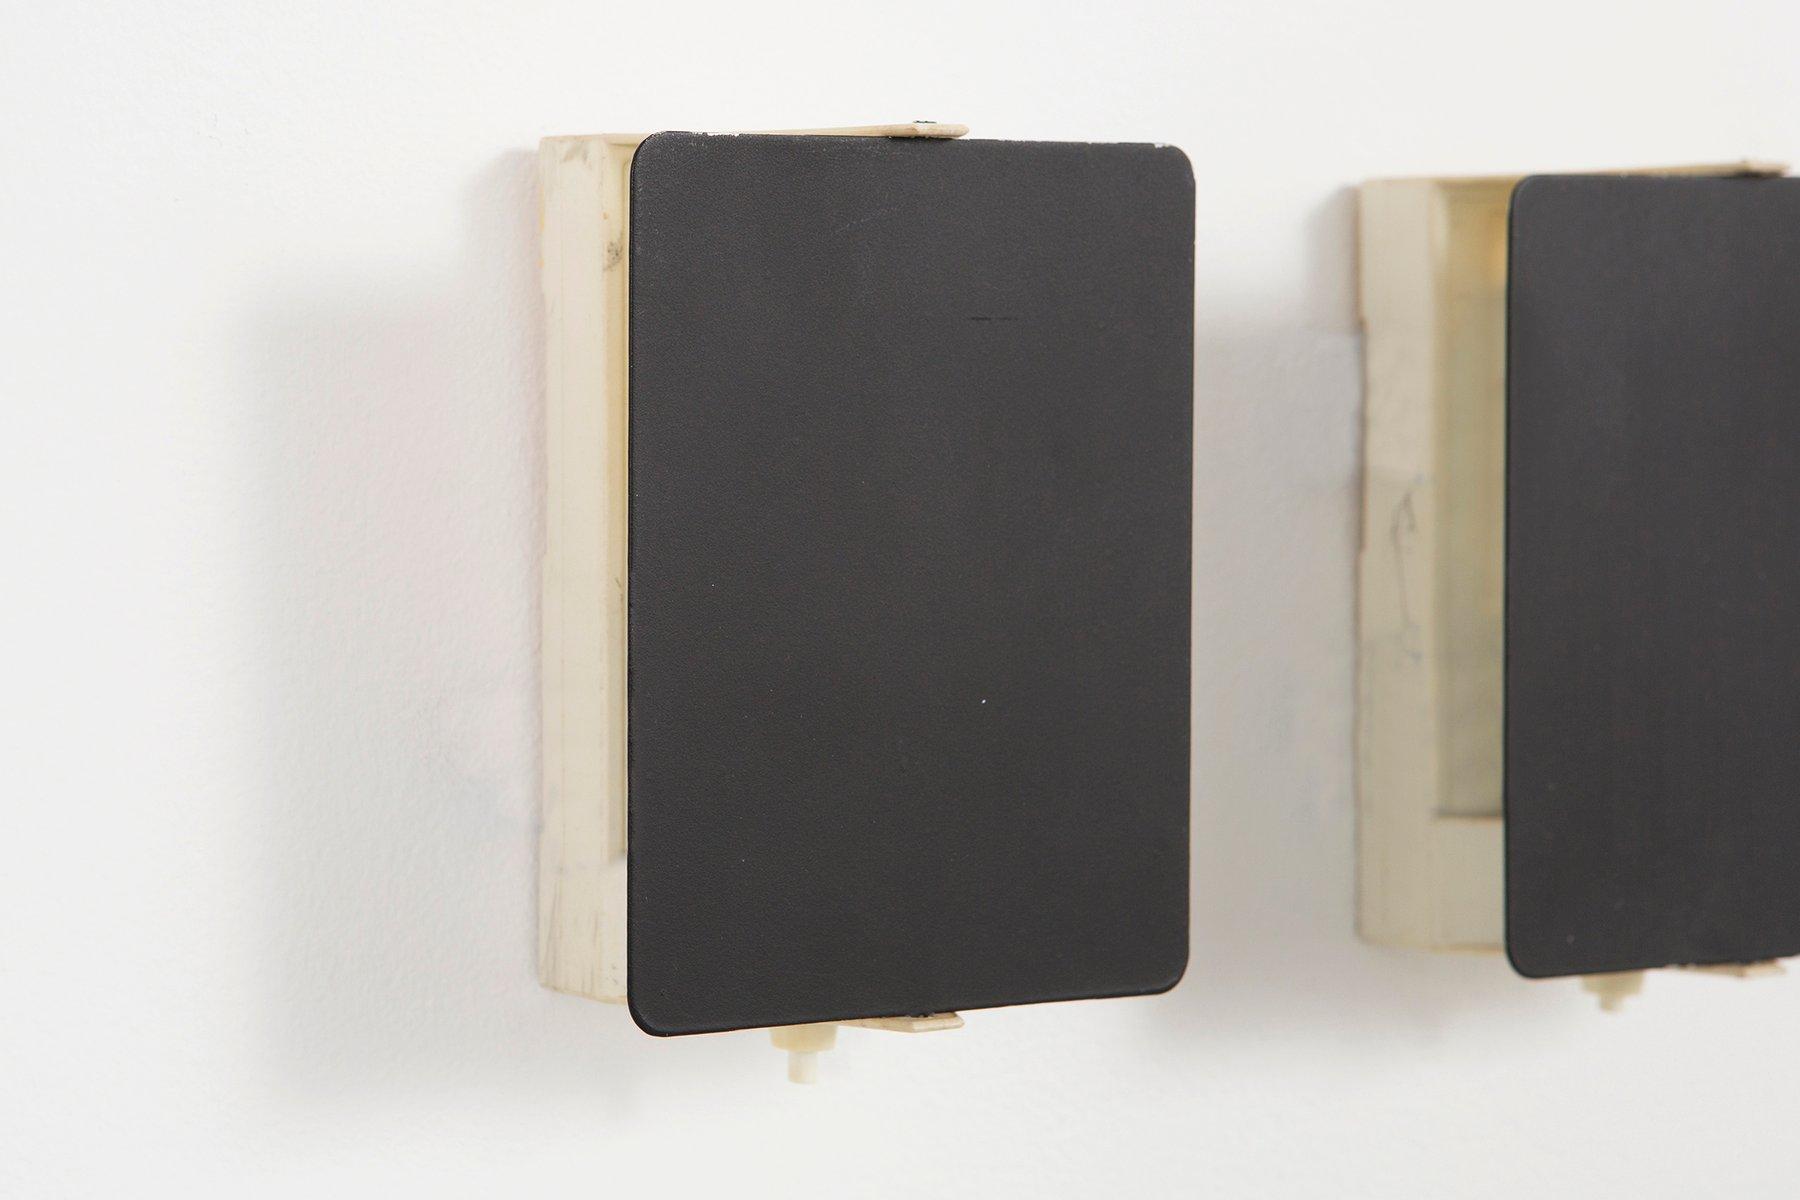 CP-1 Wandleuchten aus Metal & Kunststoff von Charlotte Perriand, 1960e...